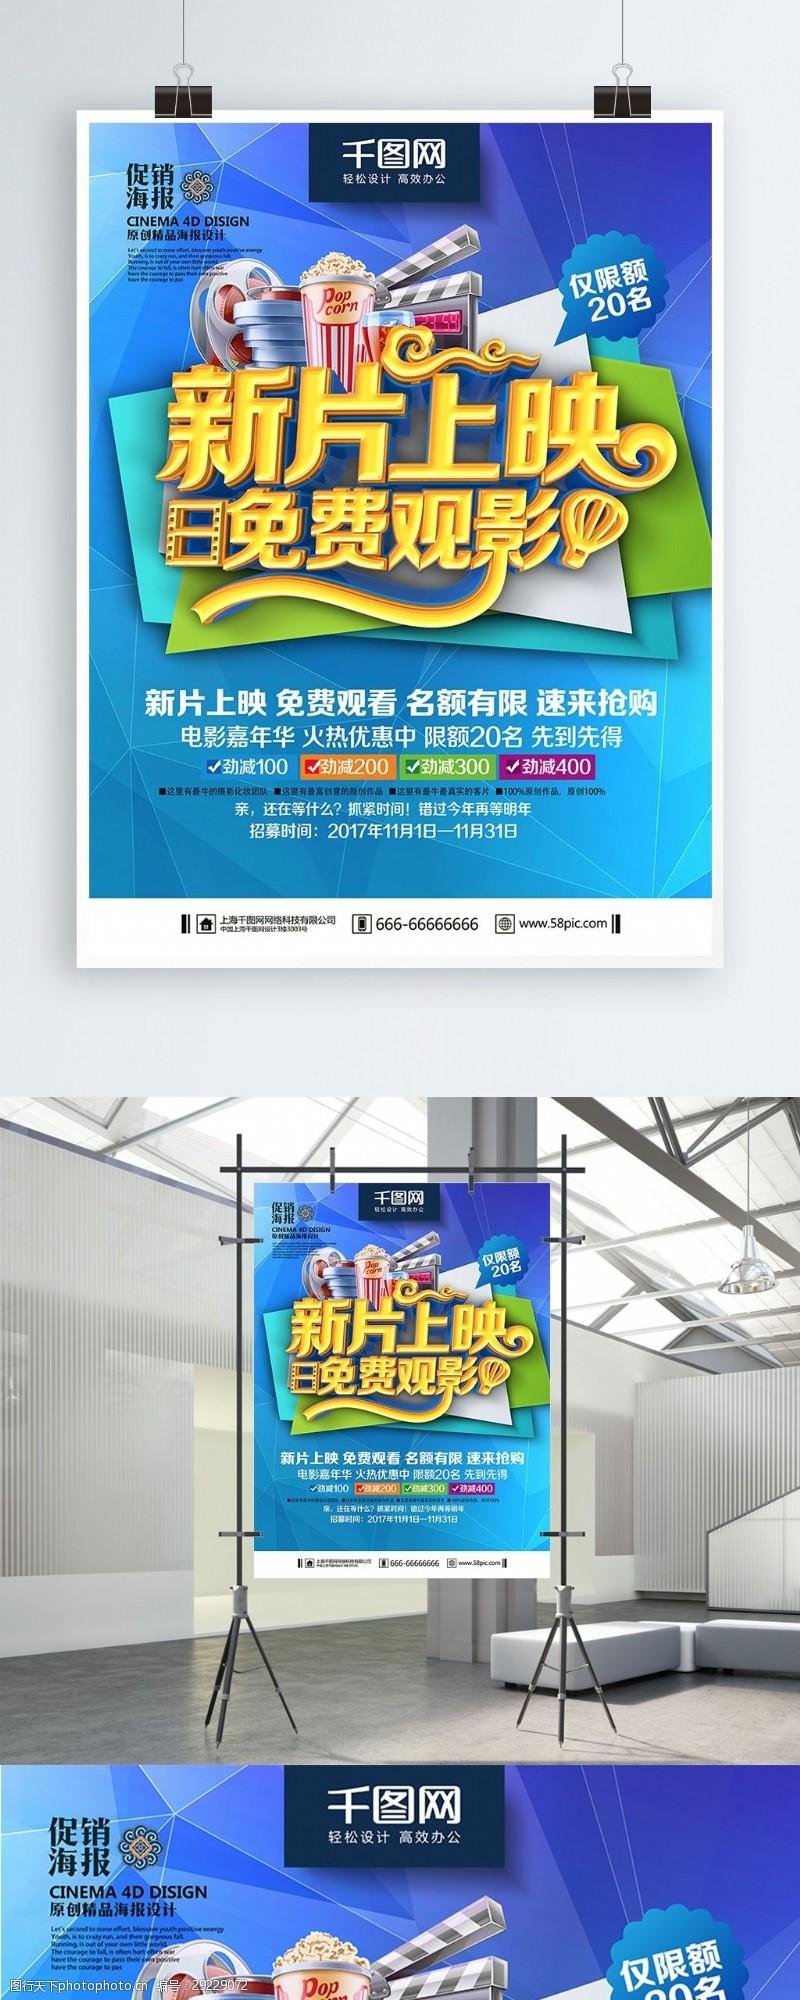 蓝色精美电影院电影促销海报设计PSD模板